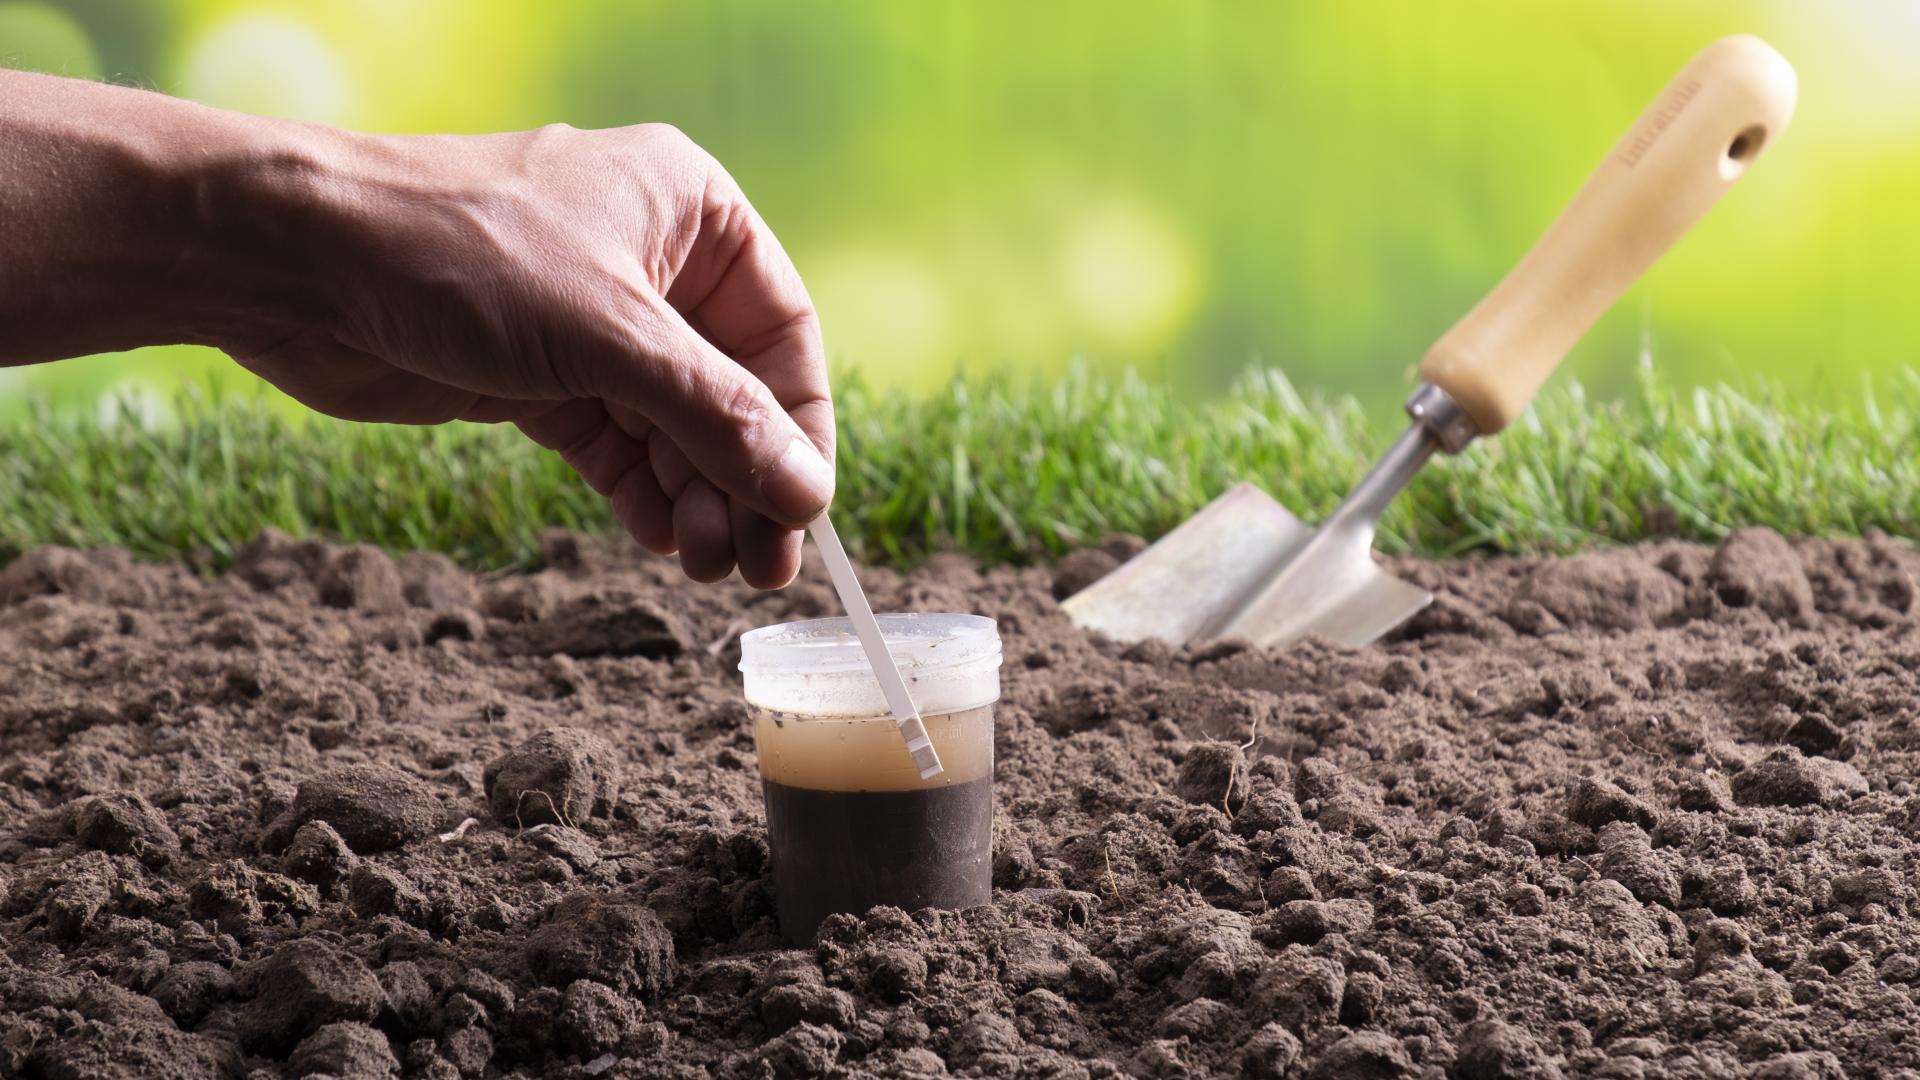 Bodenanalyse: Mit Bodenproben zum perfekten Garten